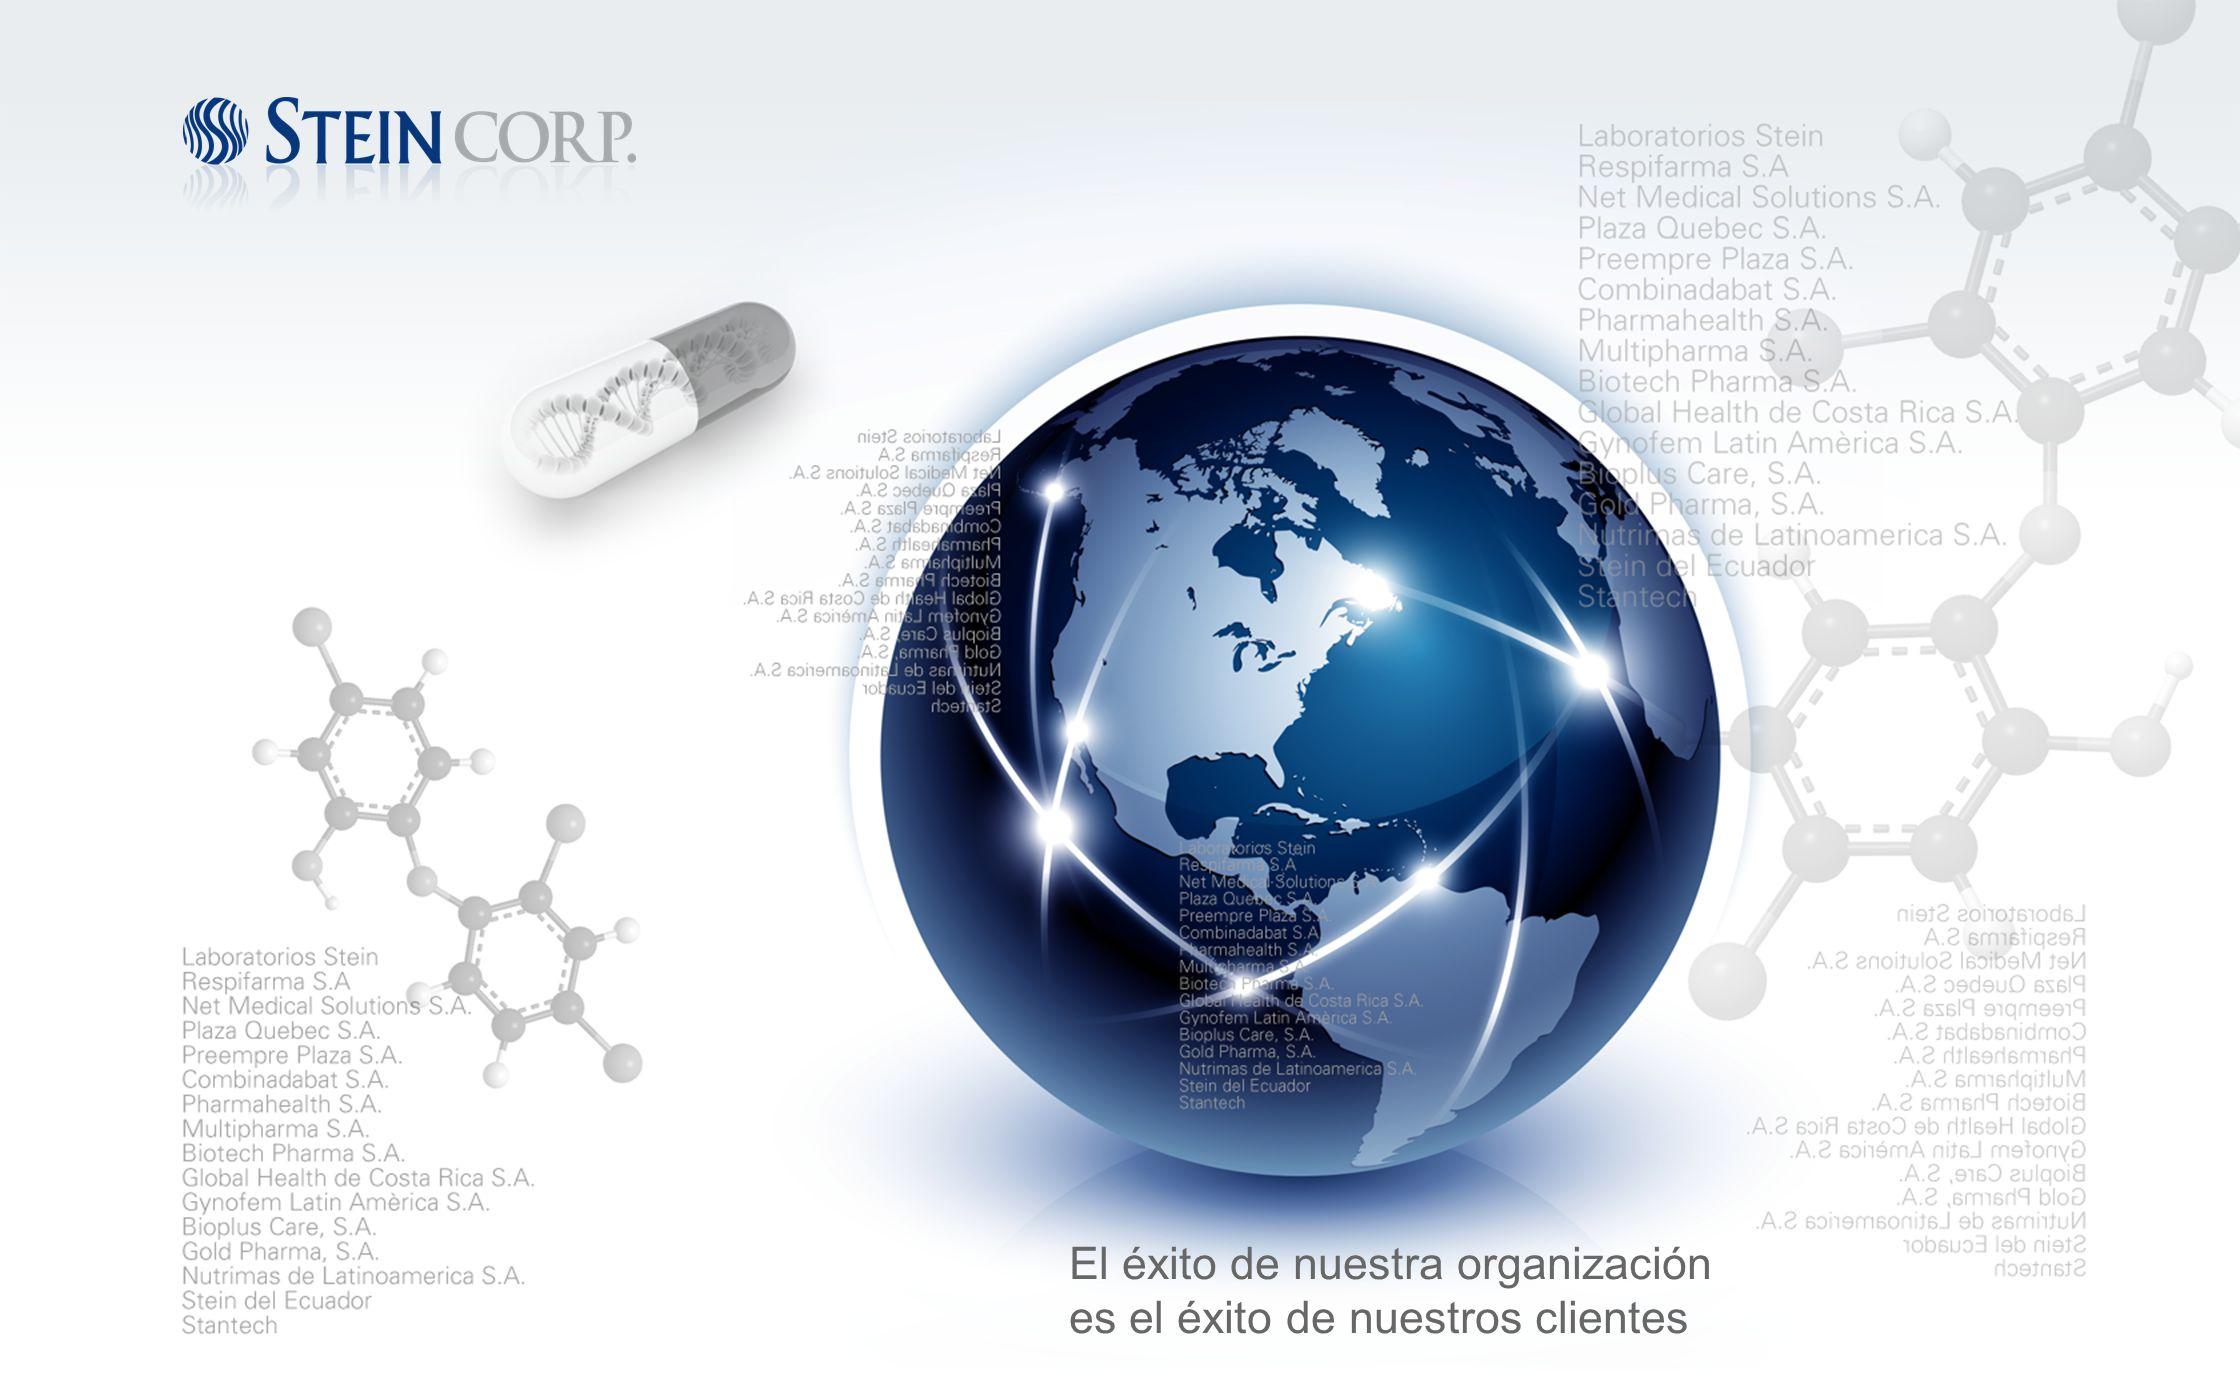 El éxito de nuestra organización es el éxito de nuestros clientes